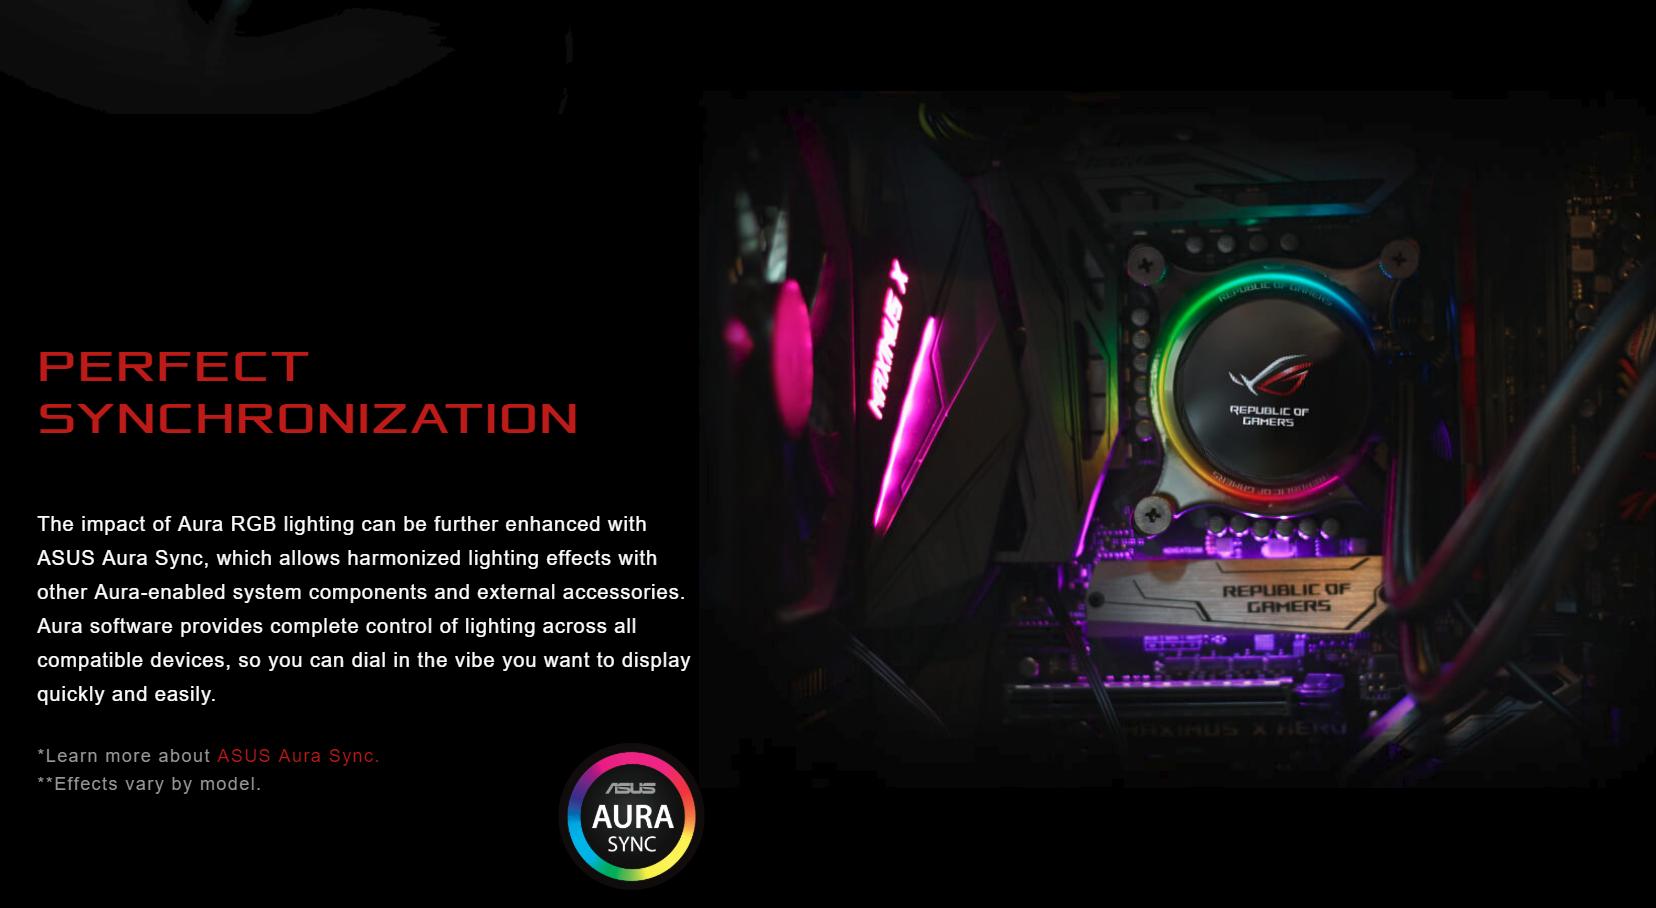 Tản nhiệt nước Asus ROG RYUO 240 - RGB 240mm Liquid CPU Cooler có khả năng đồng bộ hoàn hảo